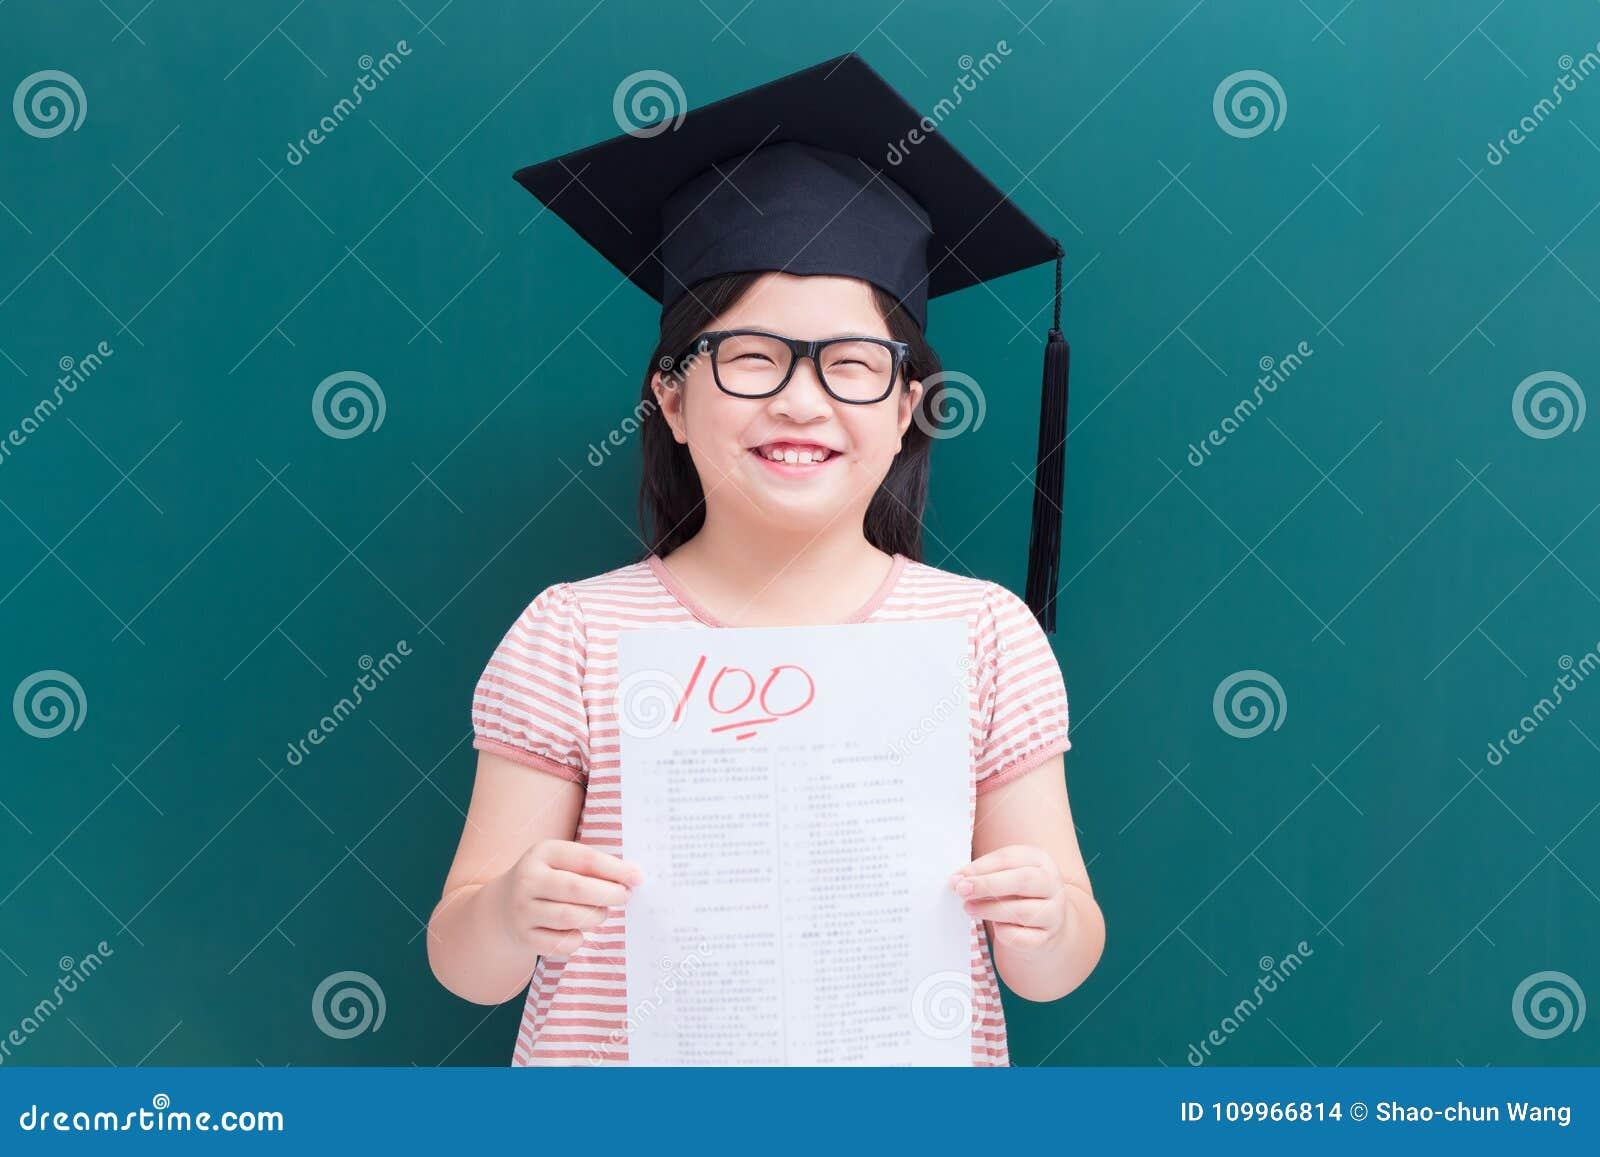 Teste da menina com contagem completa